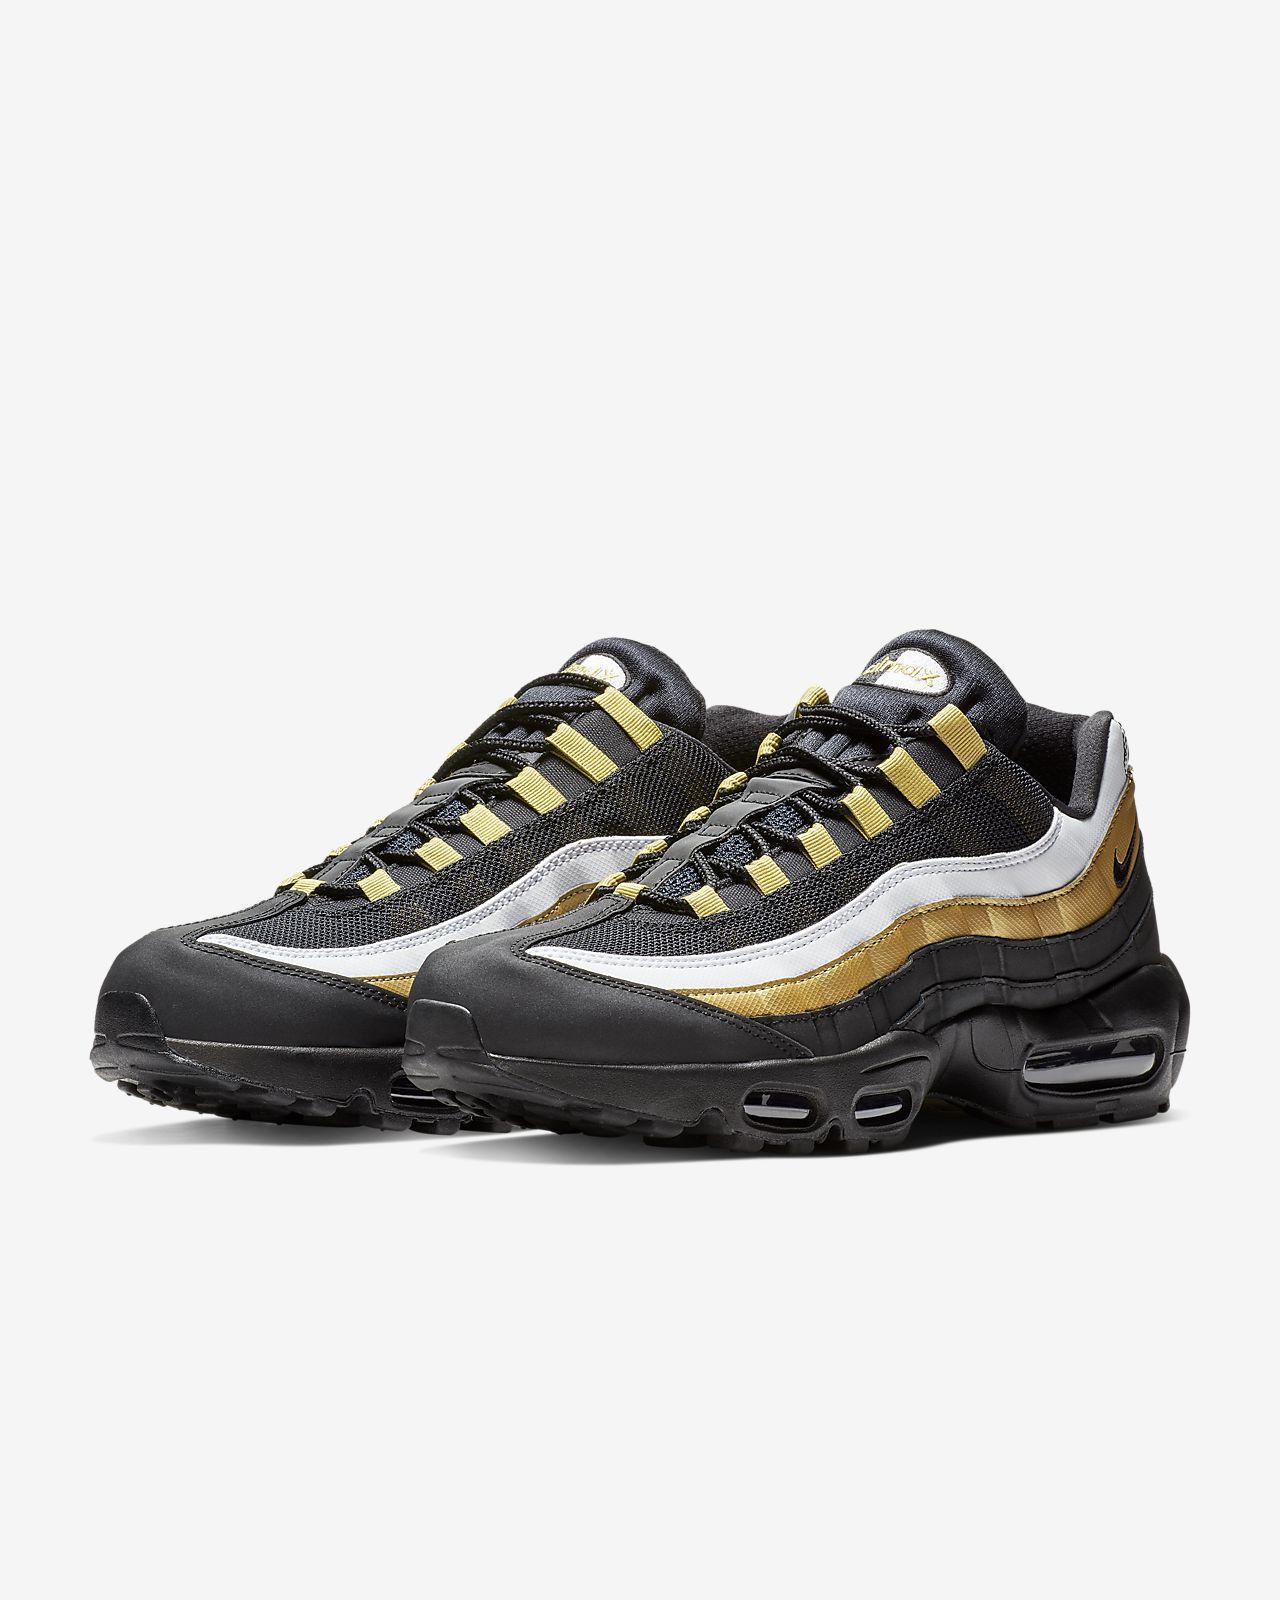 best website 6d1a7 447b3 ... Chaussure Nike Air Max 95 OG